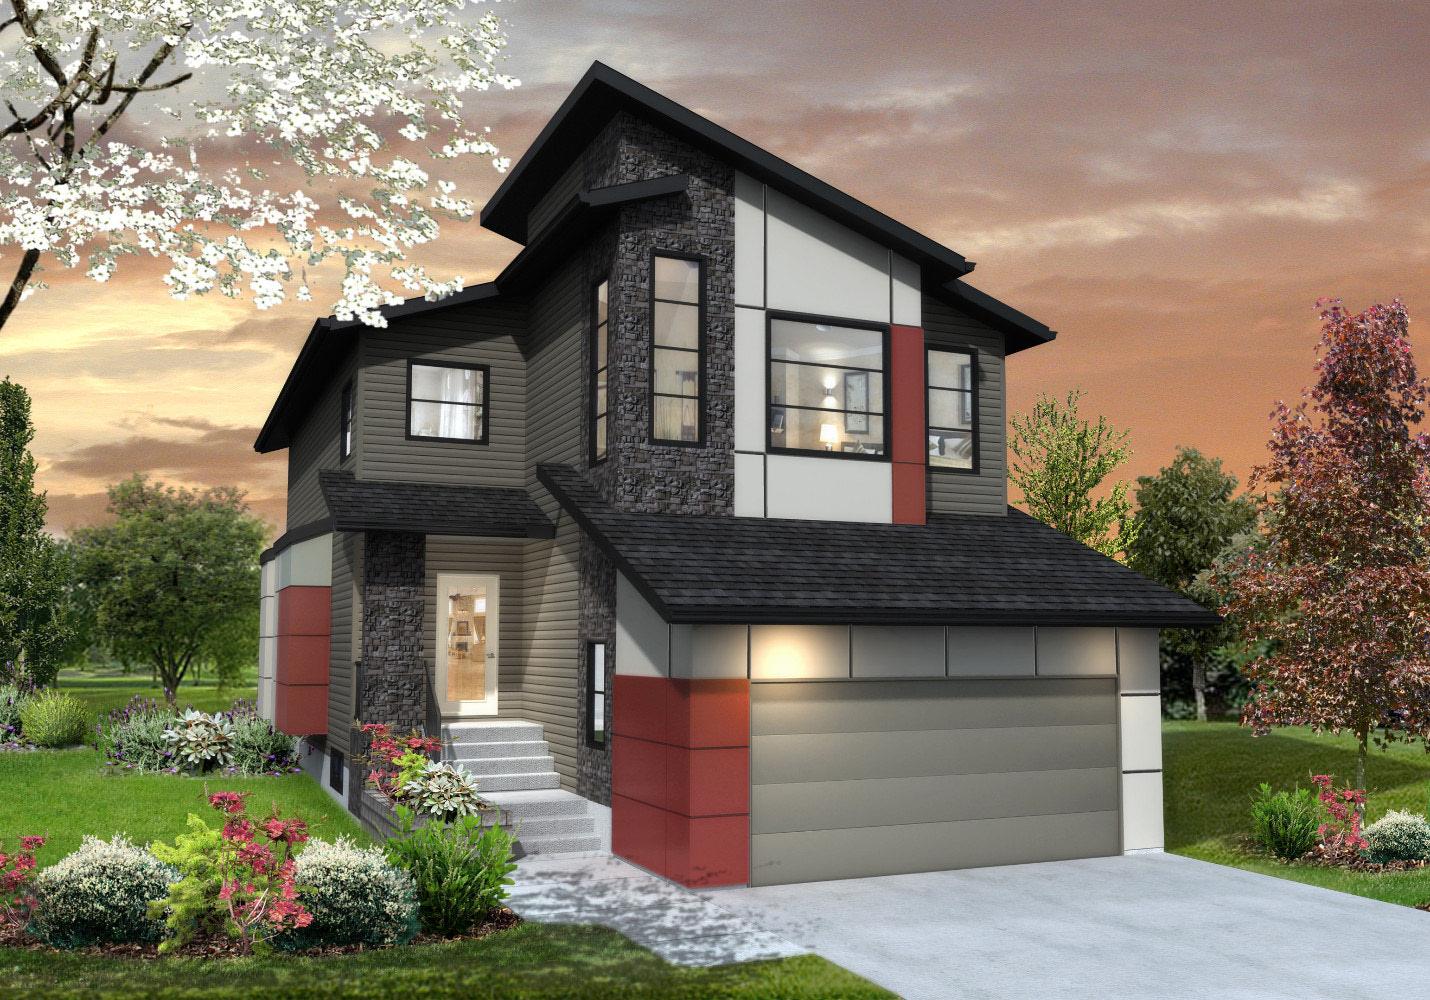 Built Green bedrock homes